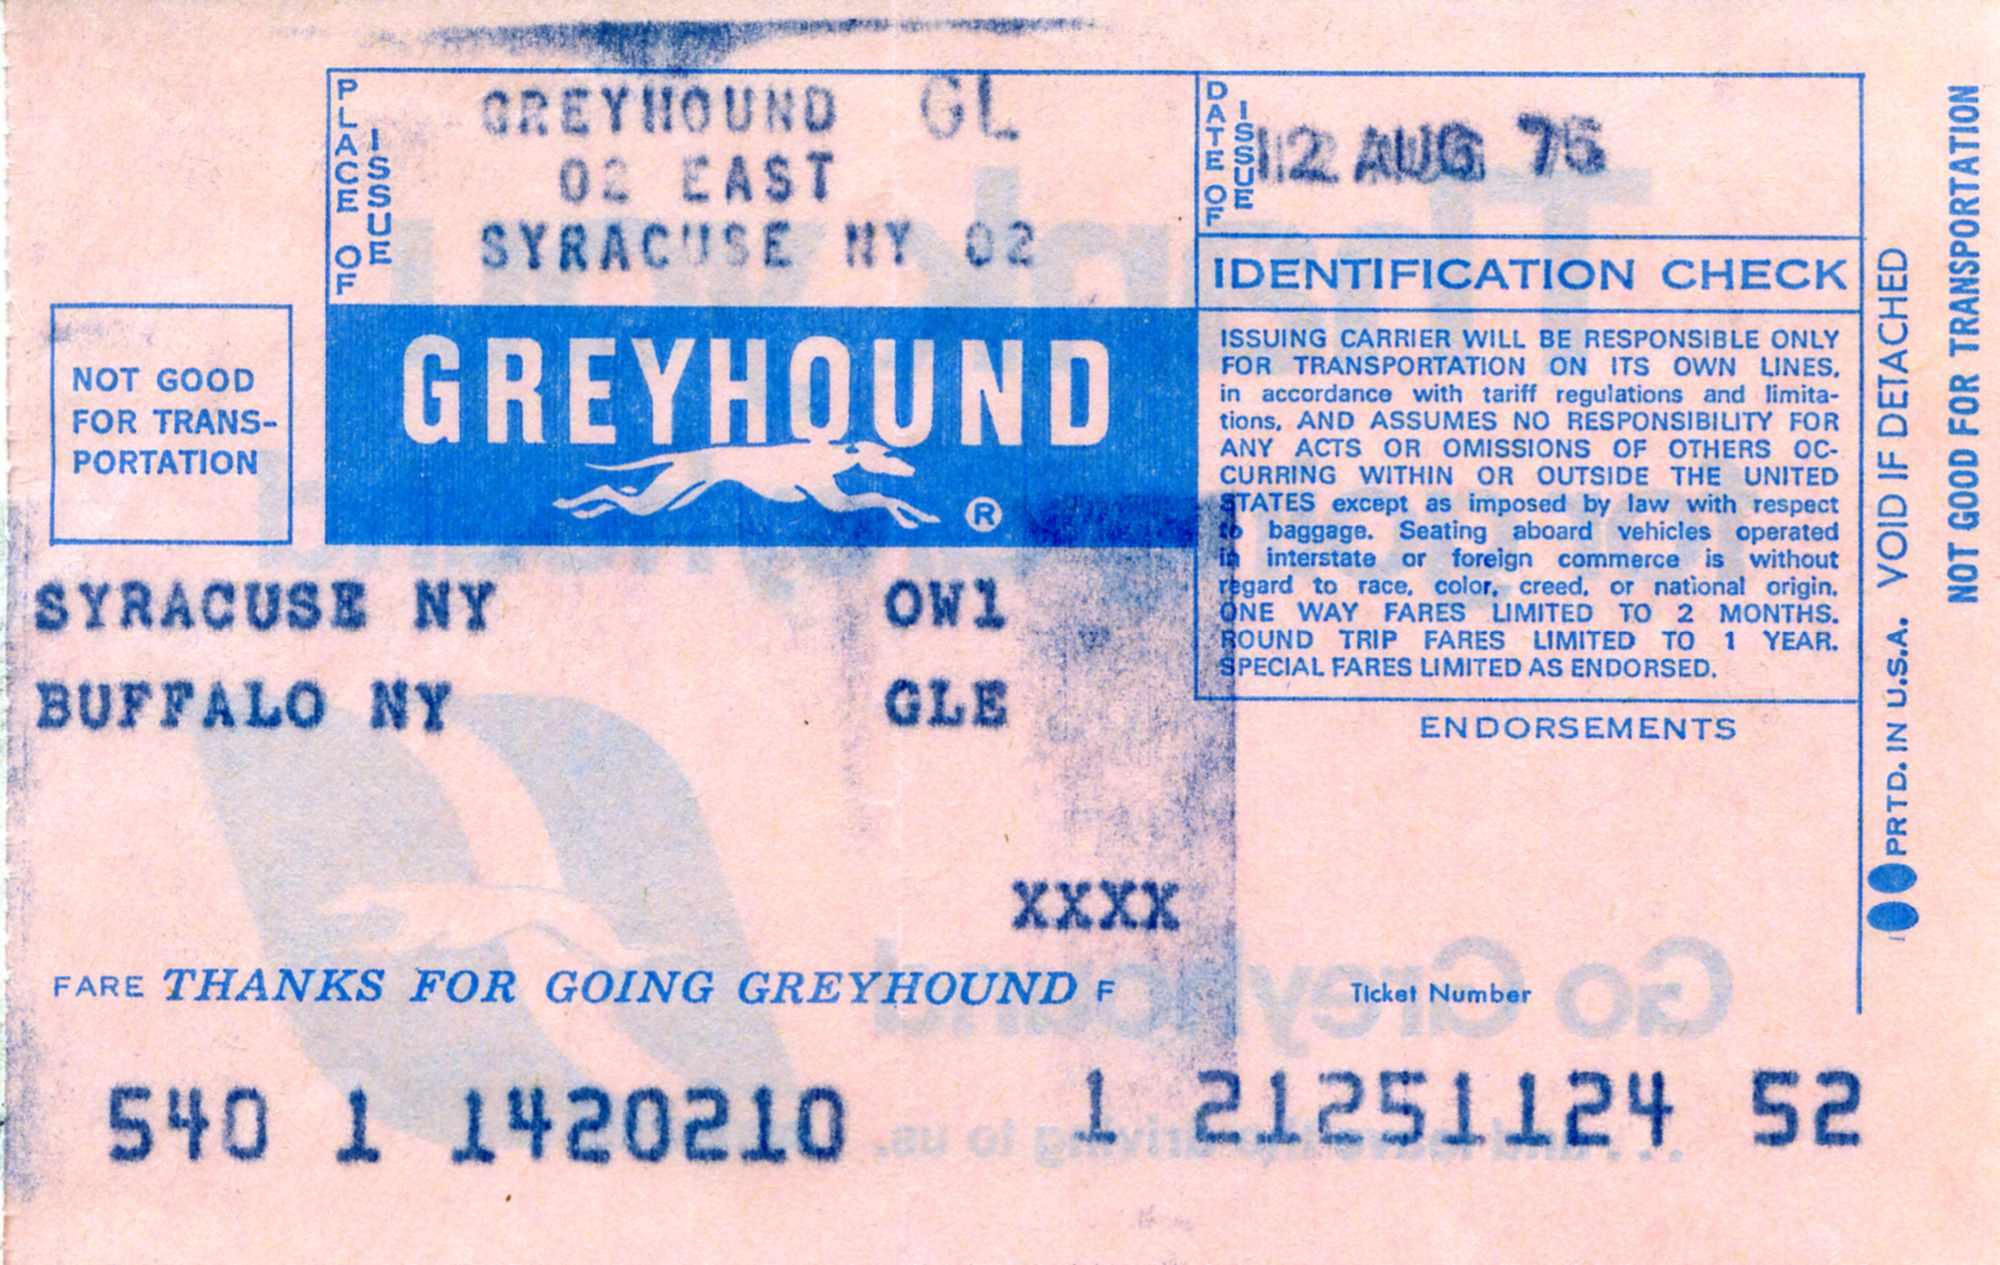 Grey hound Tickets